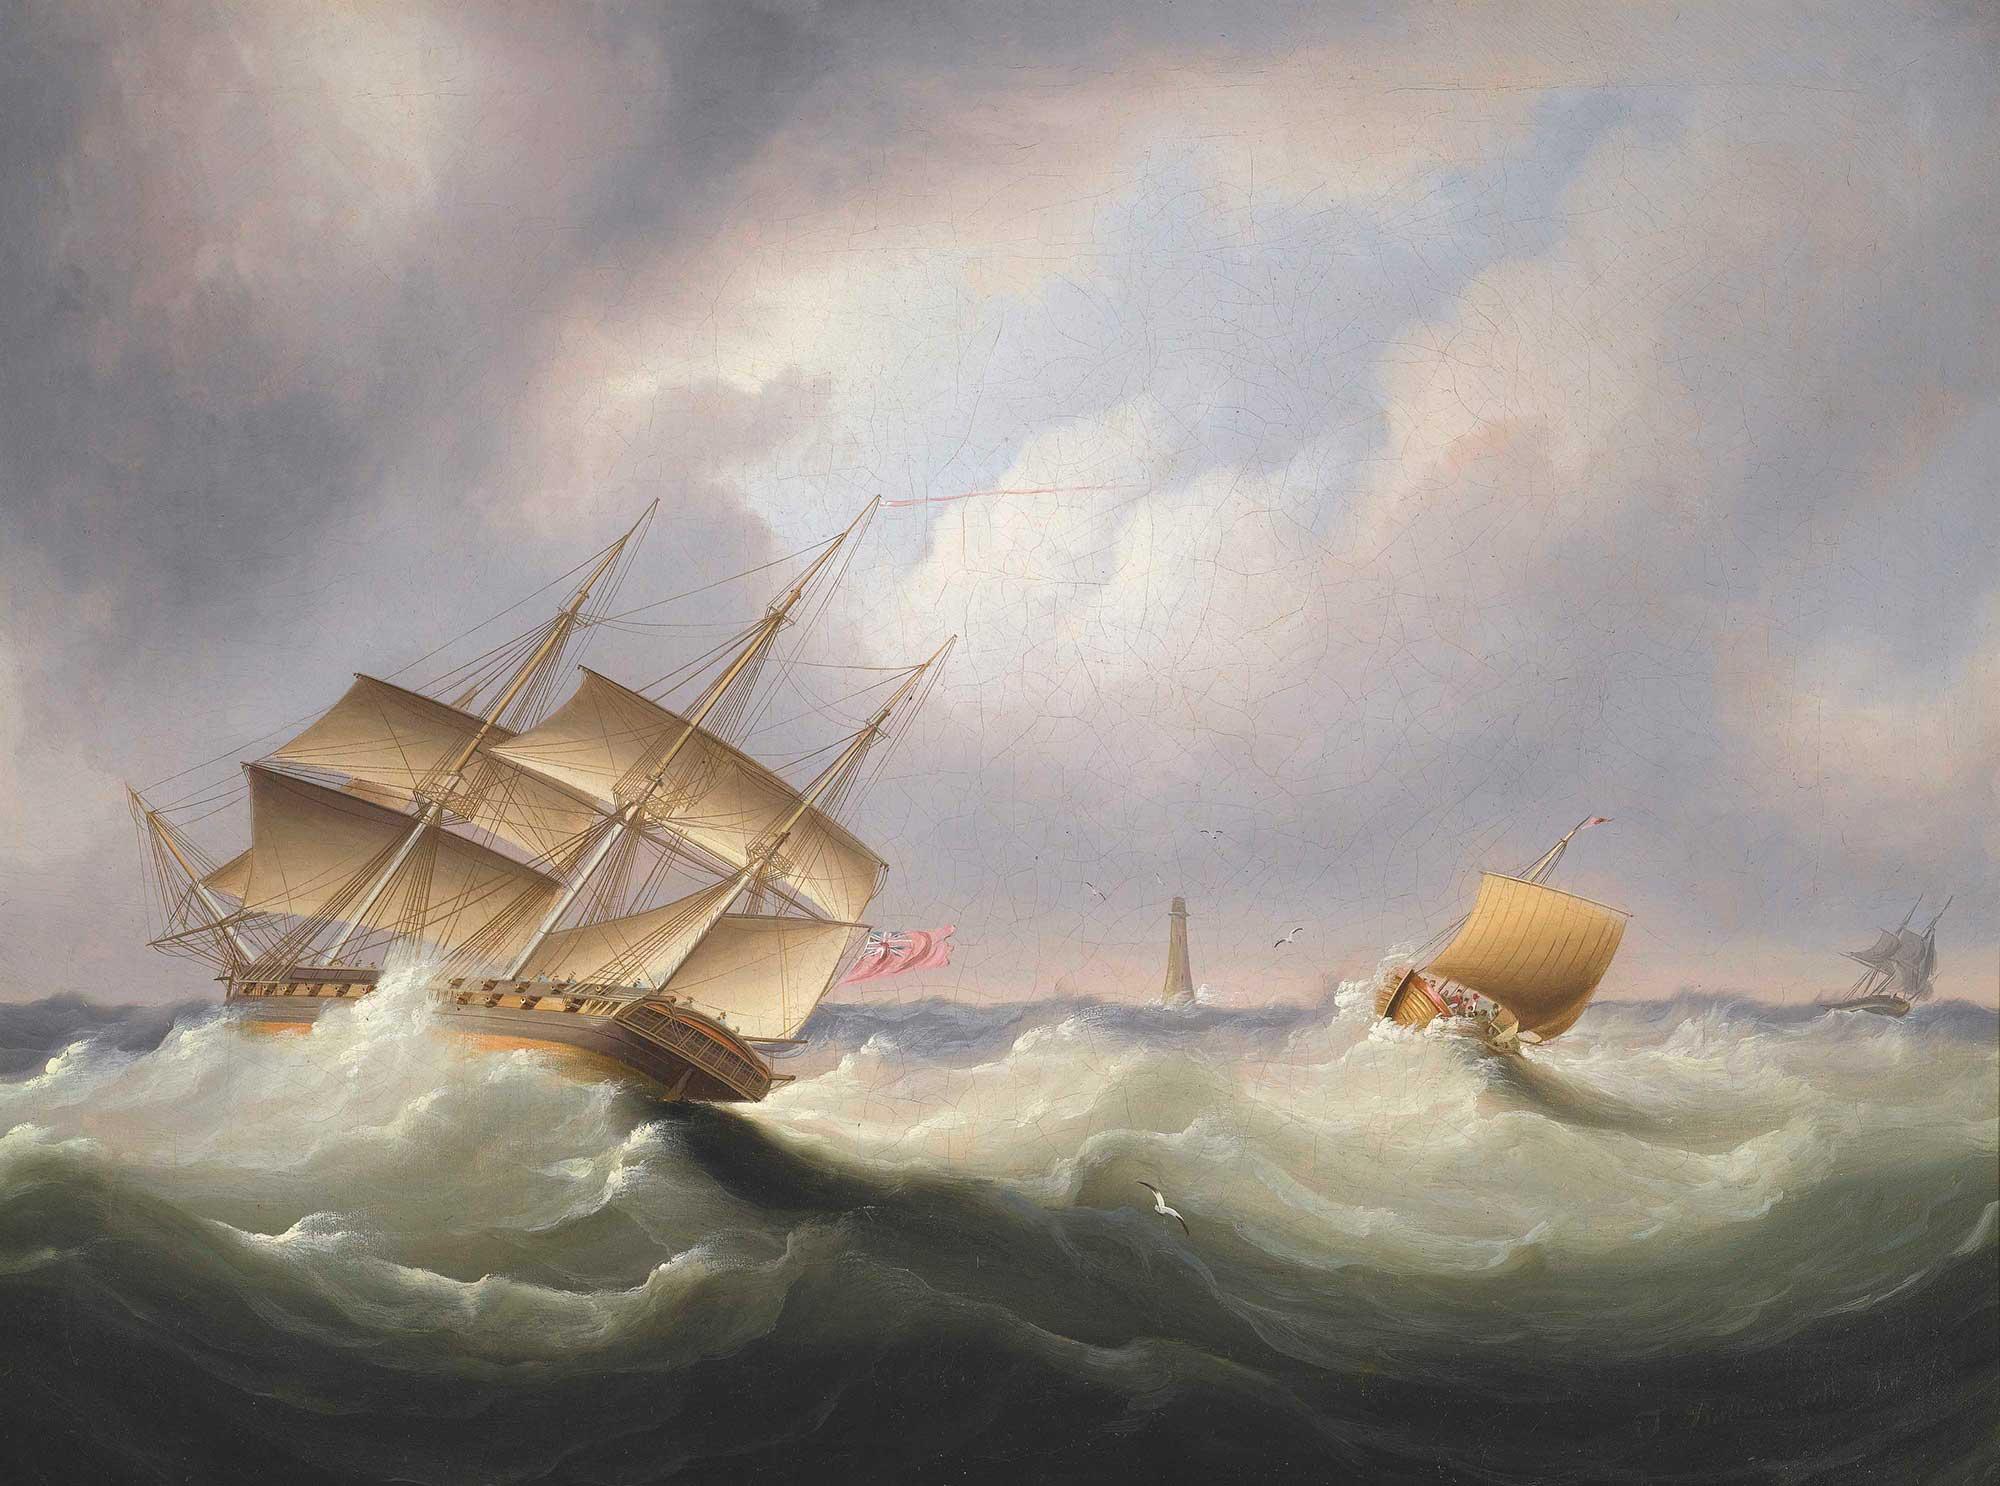 James Edward Buttersworth Fırtına